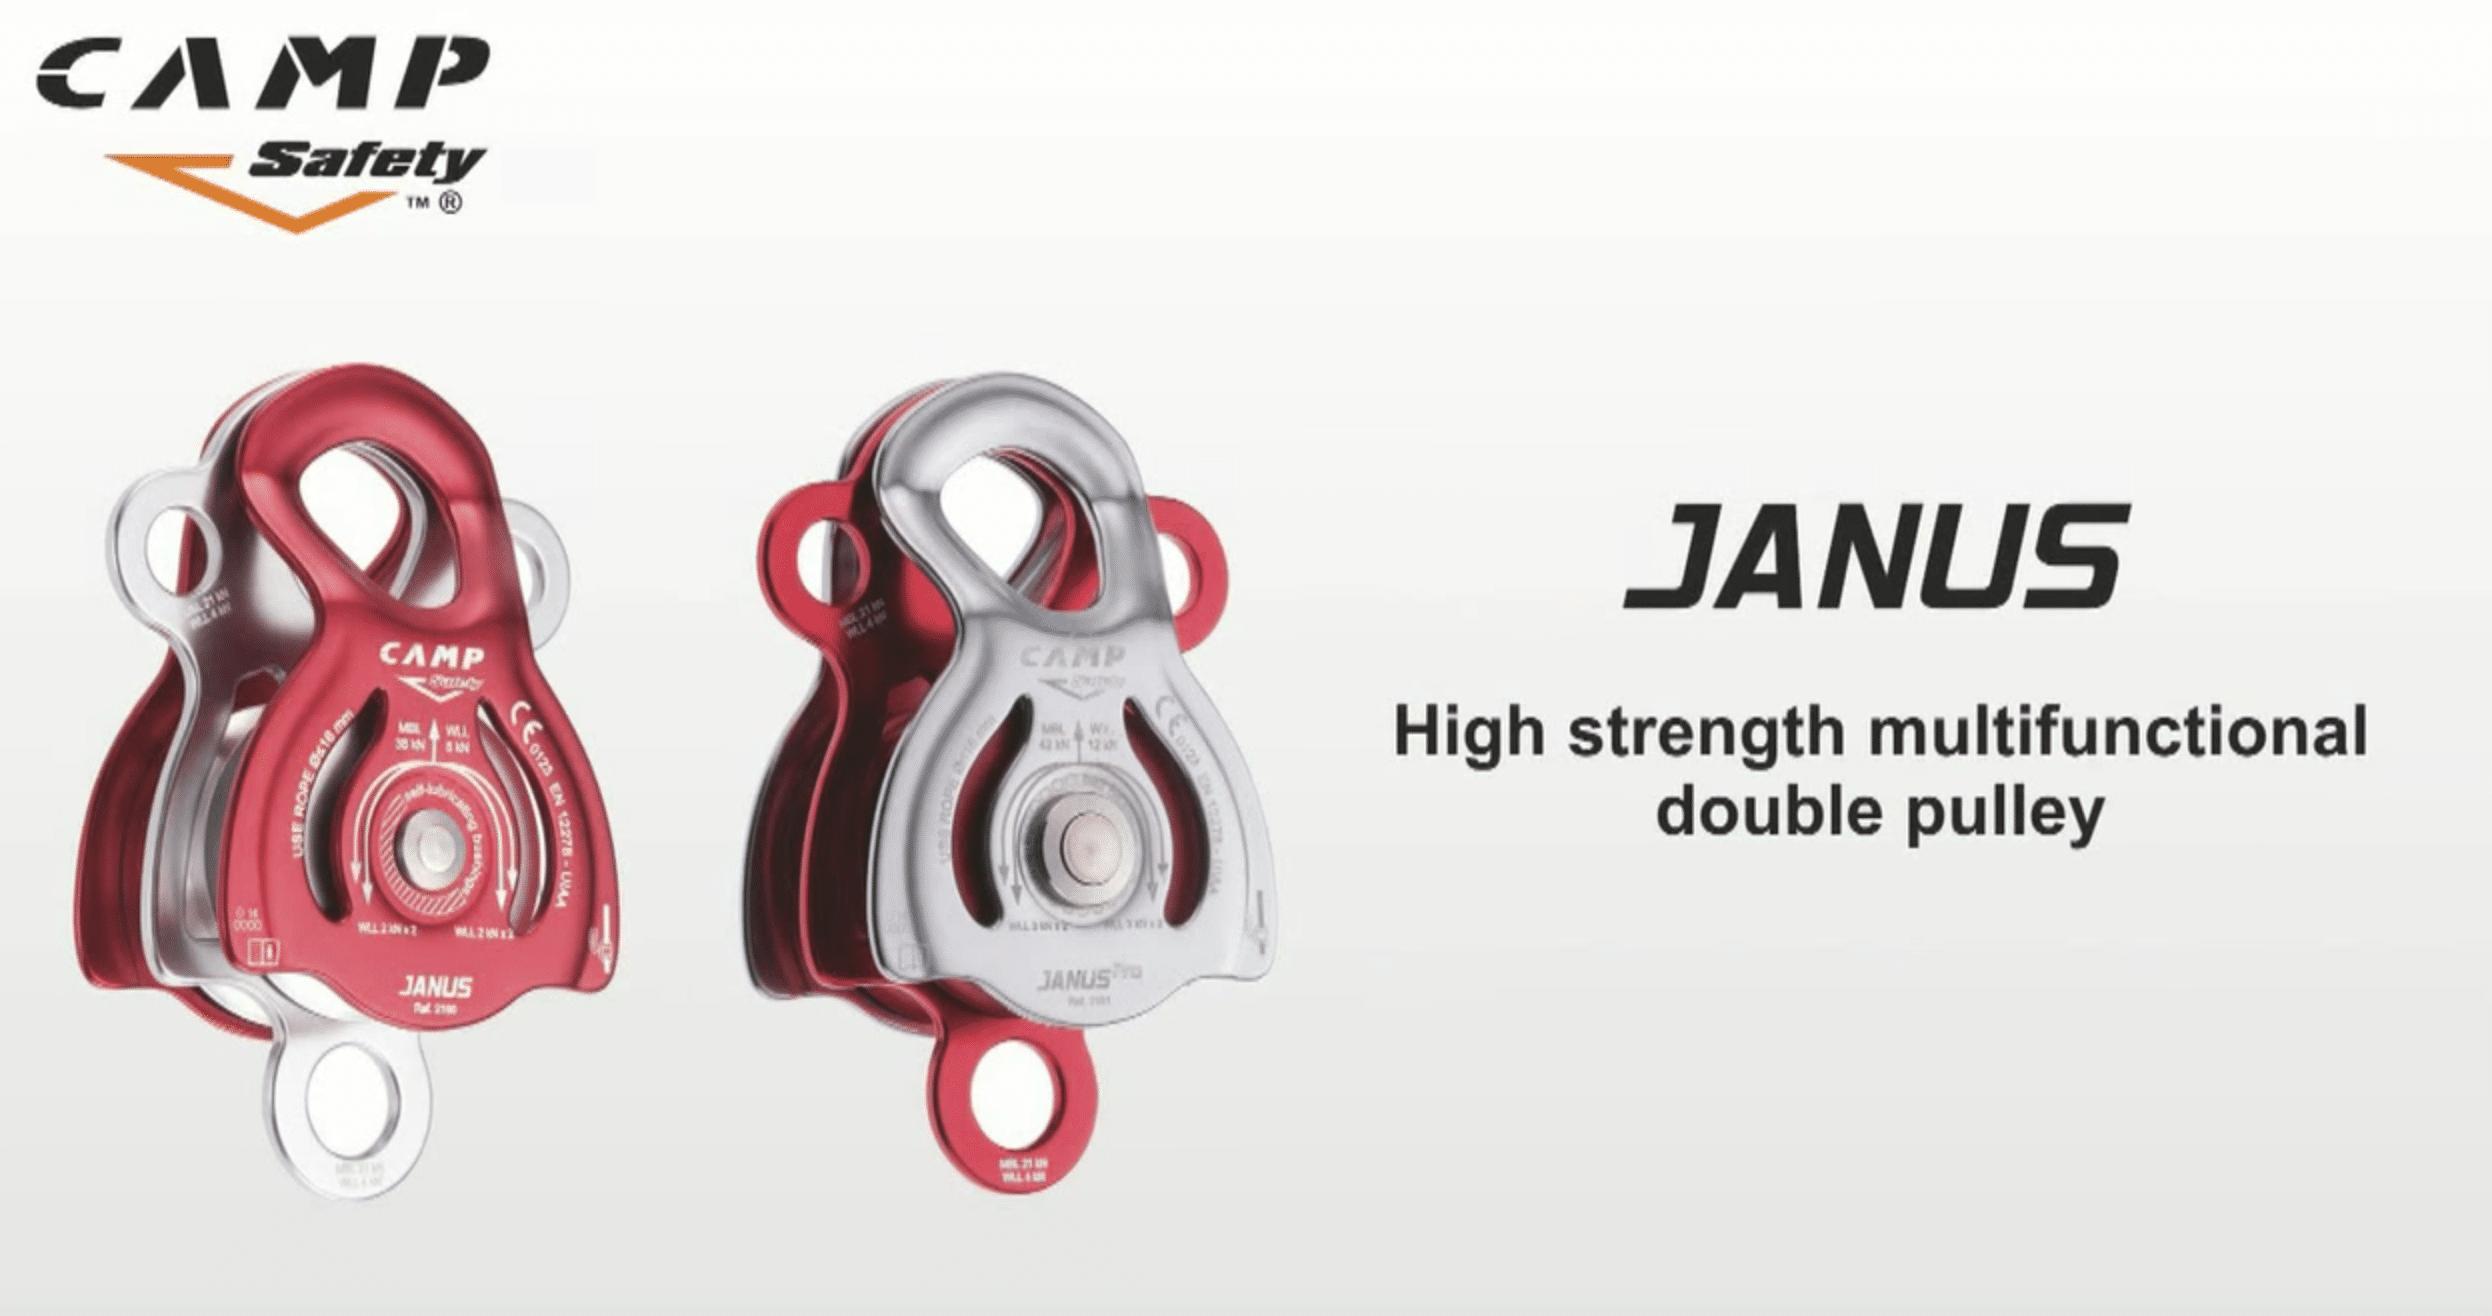 , Poleas dobles multifunción JANUS de CAMP, Orion Seguridad